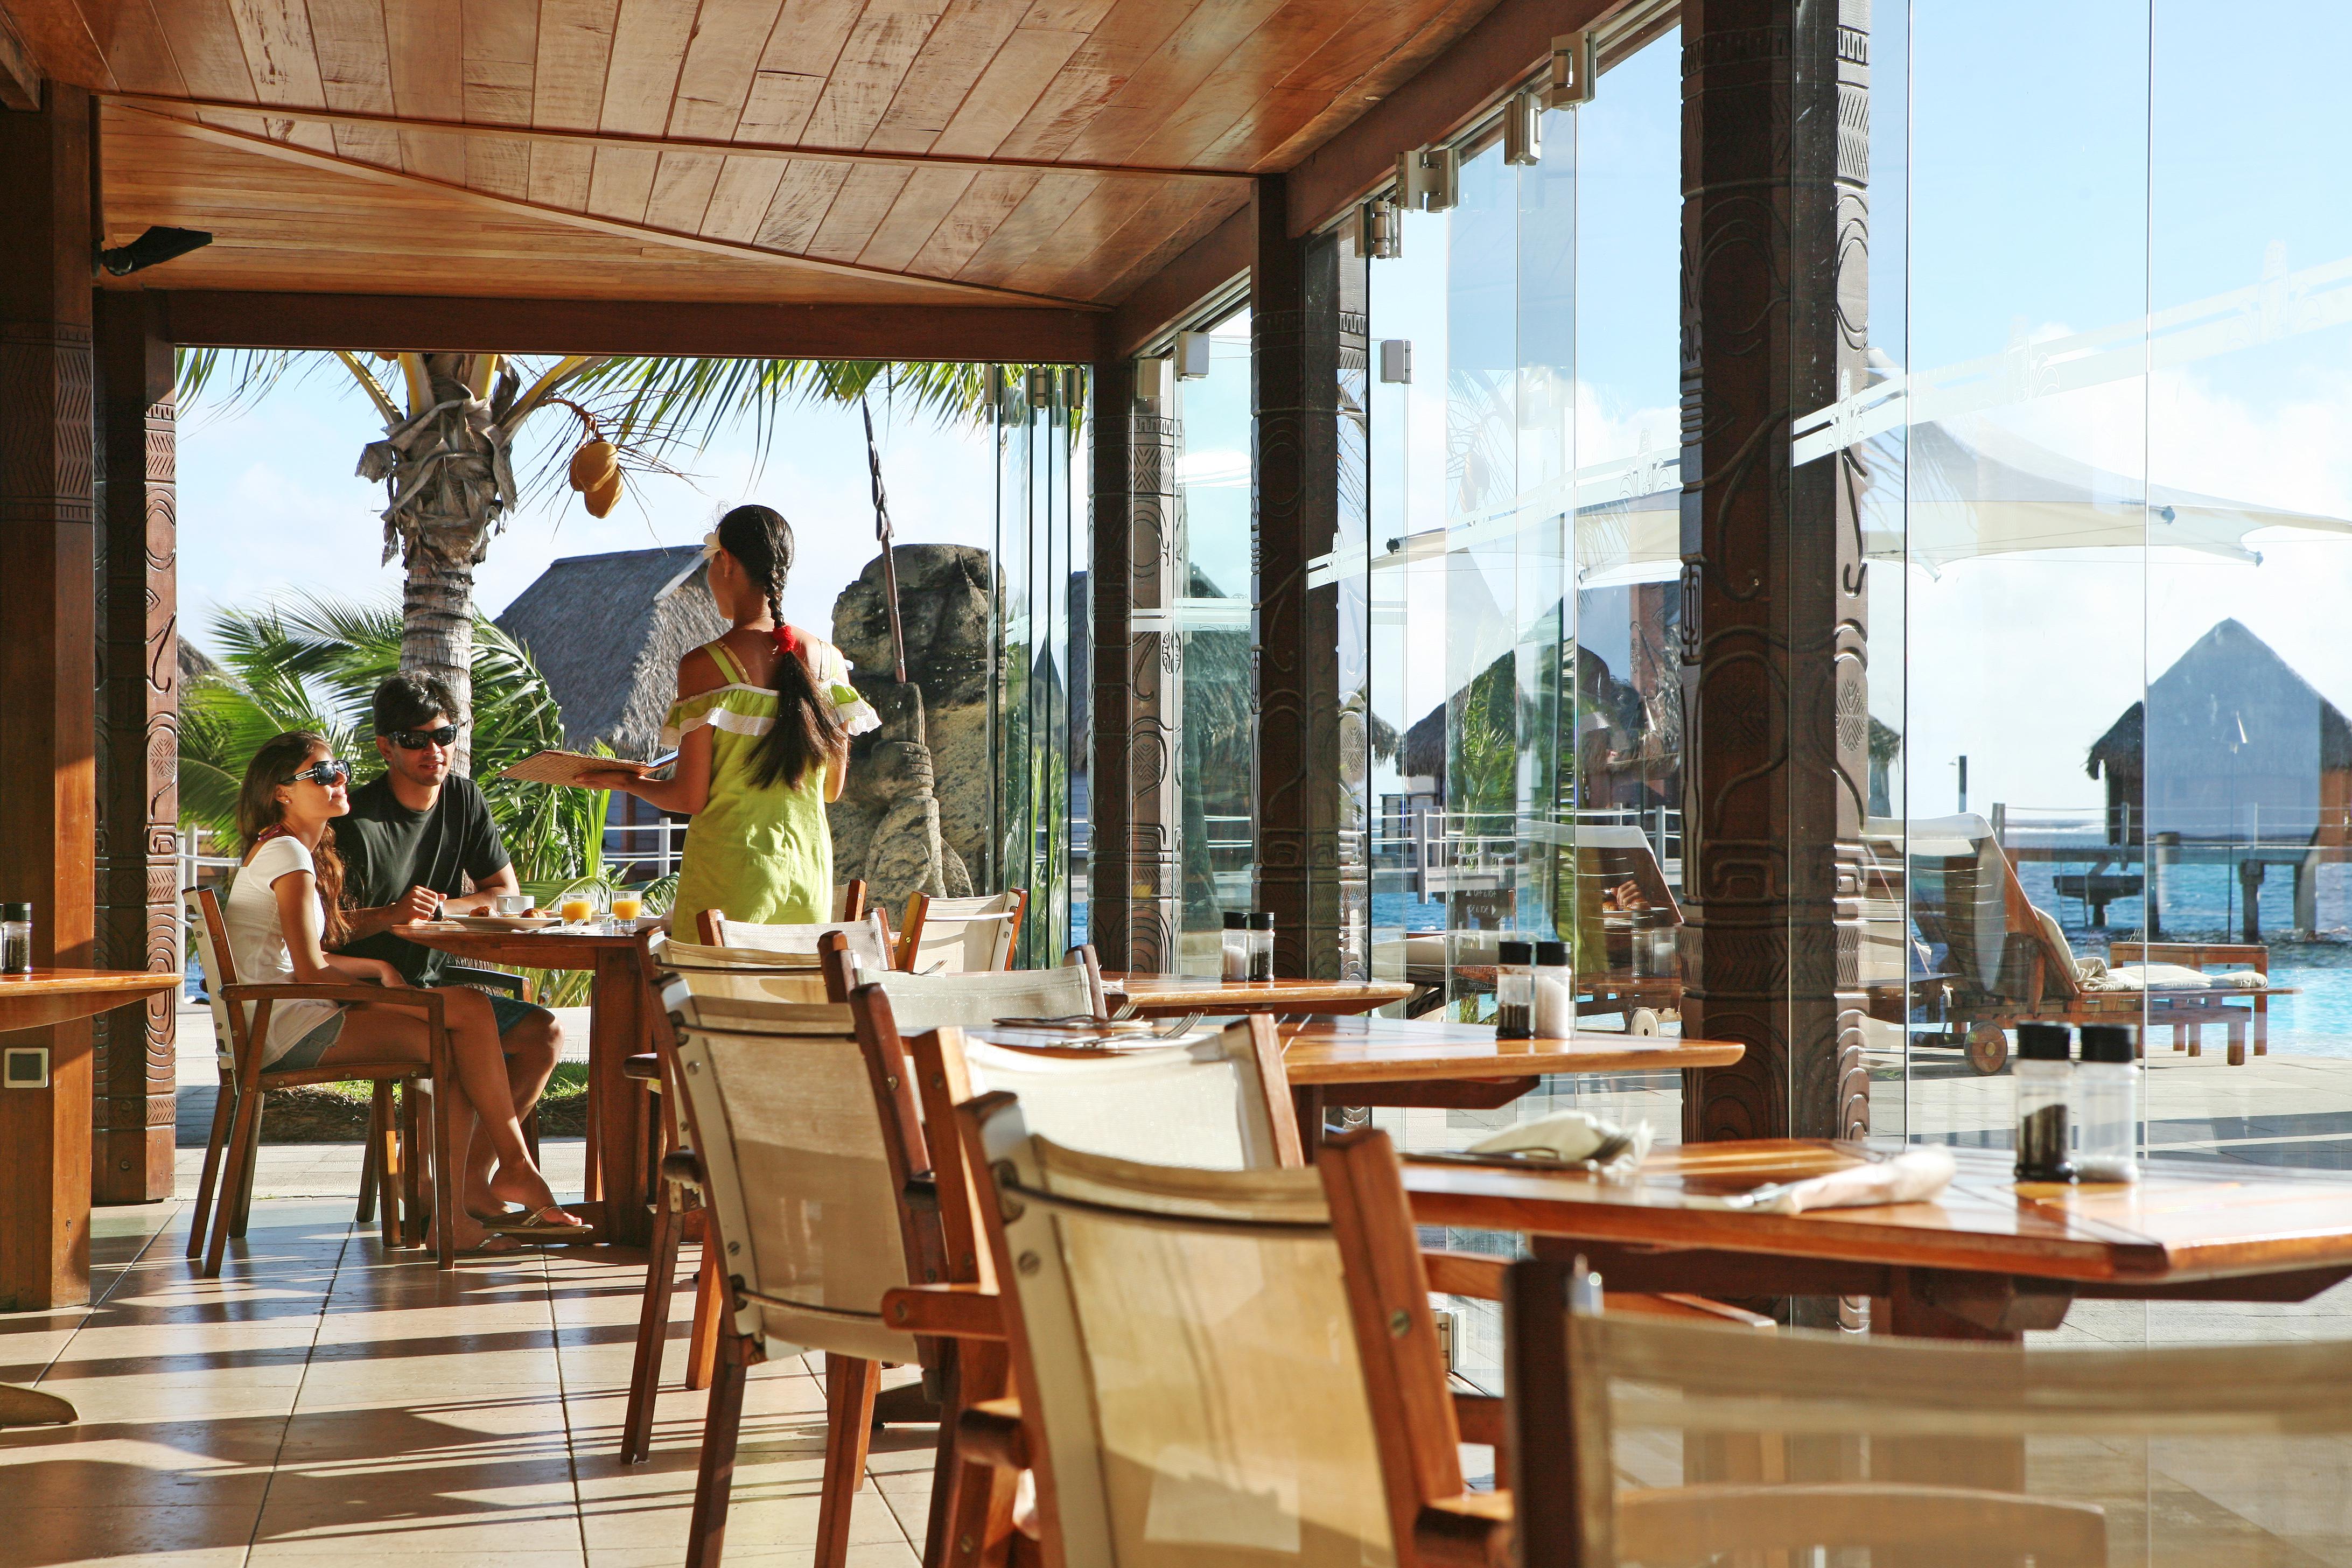 https://tahititourisme.cl/wp-content/uploads/2018/03/RESTAURATION-Restaurant-Mahanai-3-Greg_LeBacon.jpg